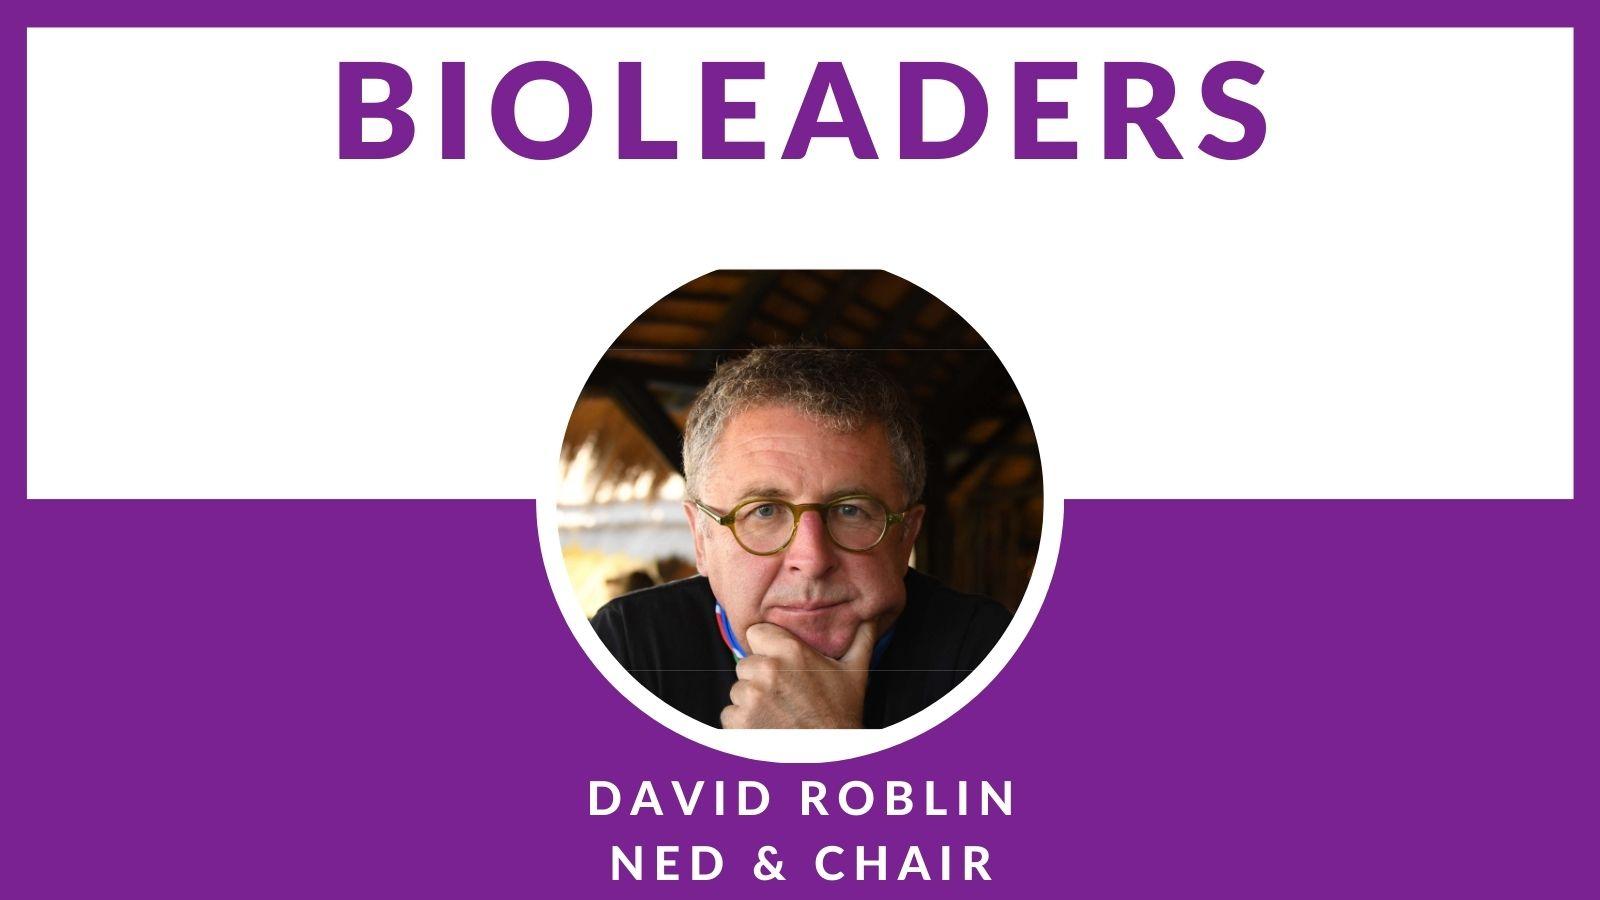 BioLeader Interviewee David Roblin